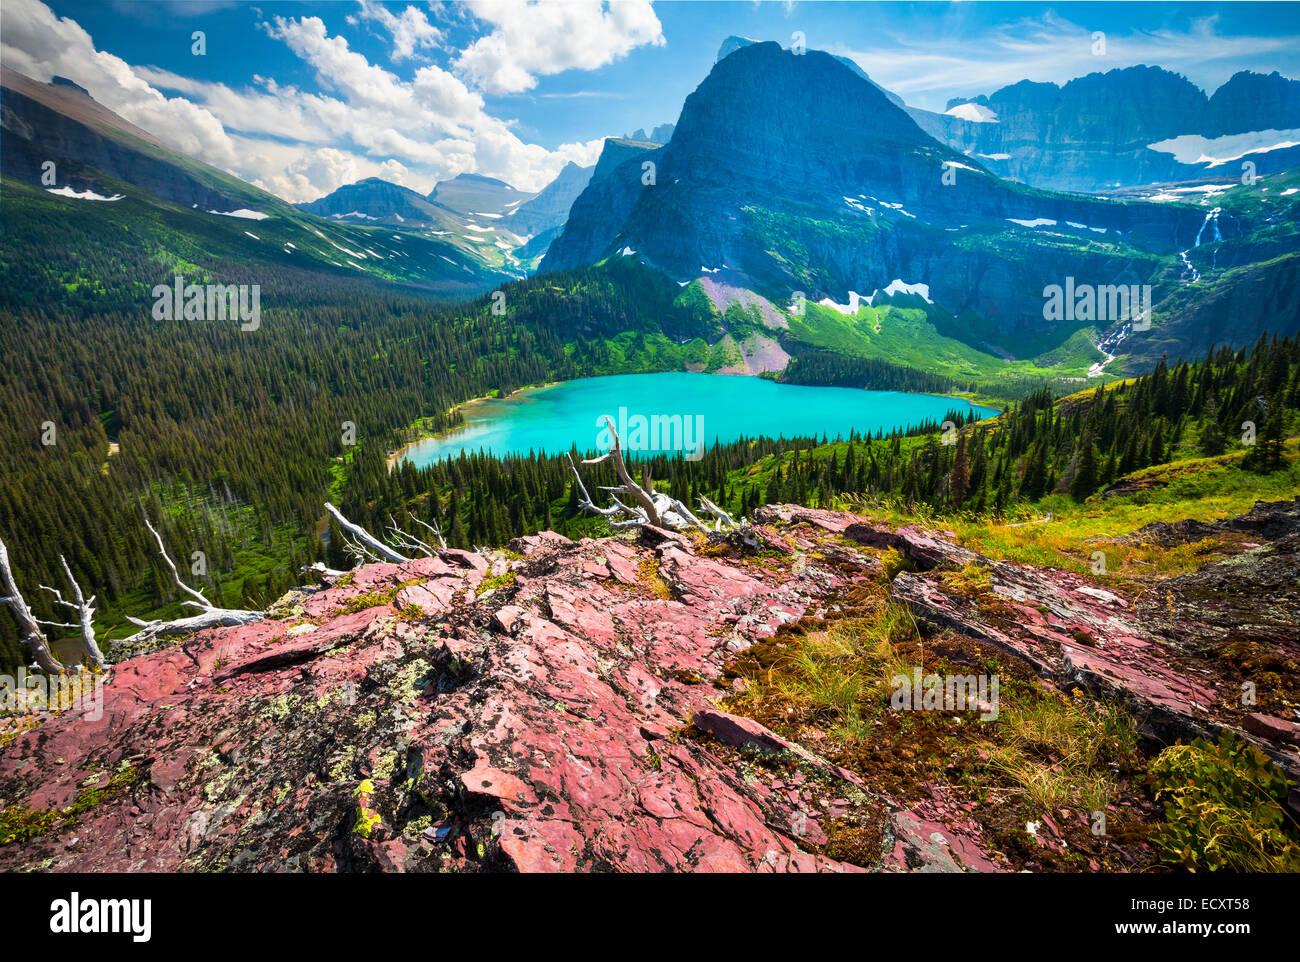 Grinnell Lago è situato nel Parco Nazionale di Glacier, in U. S. stato del Montana. Immagini Stock